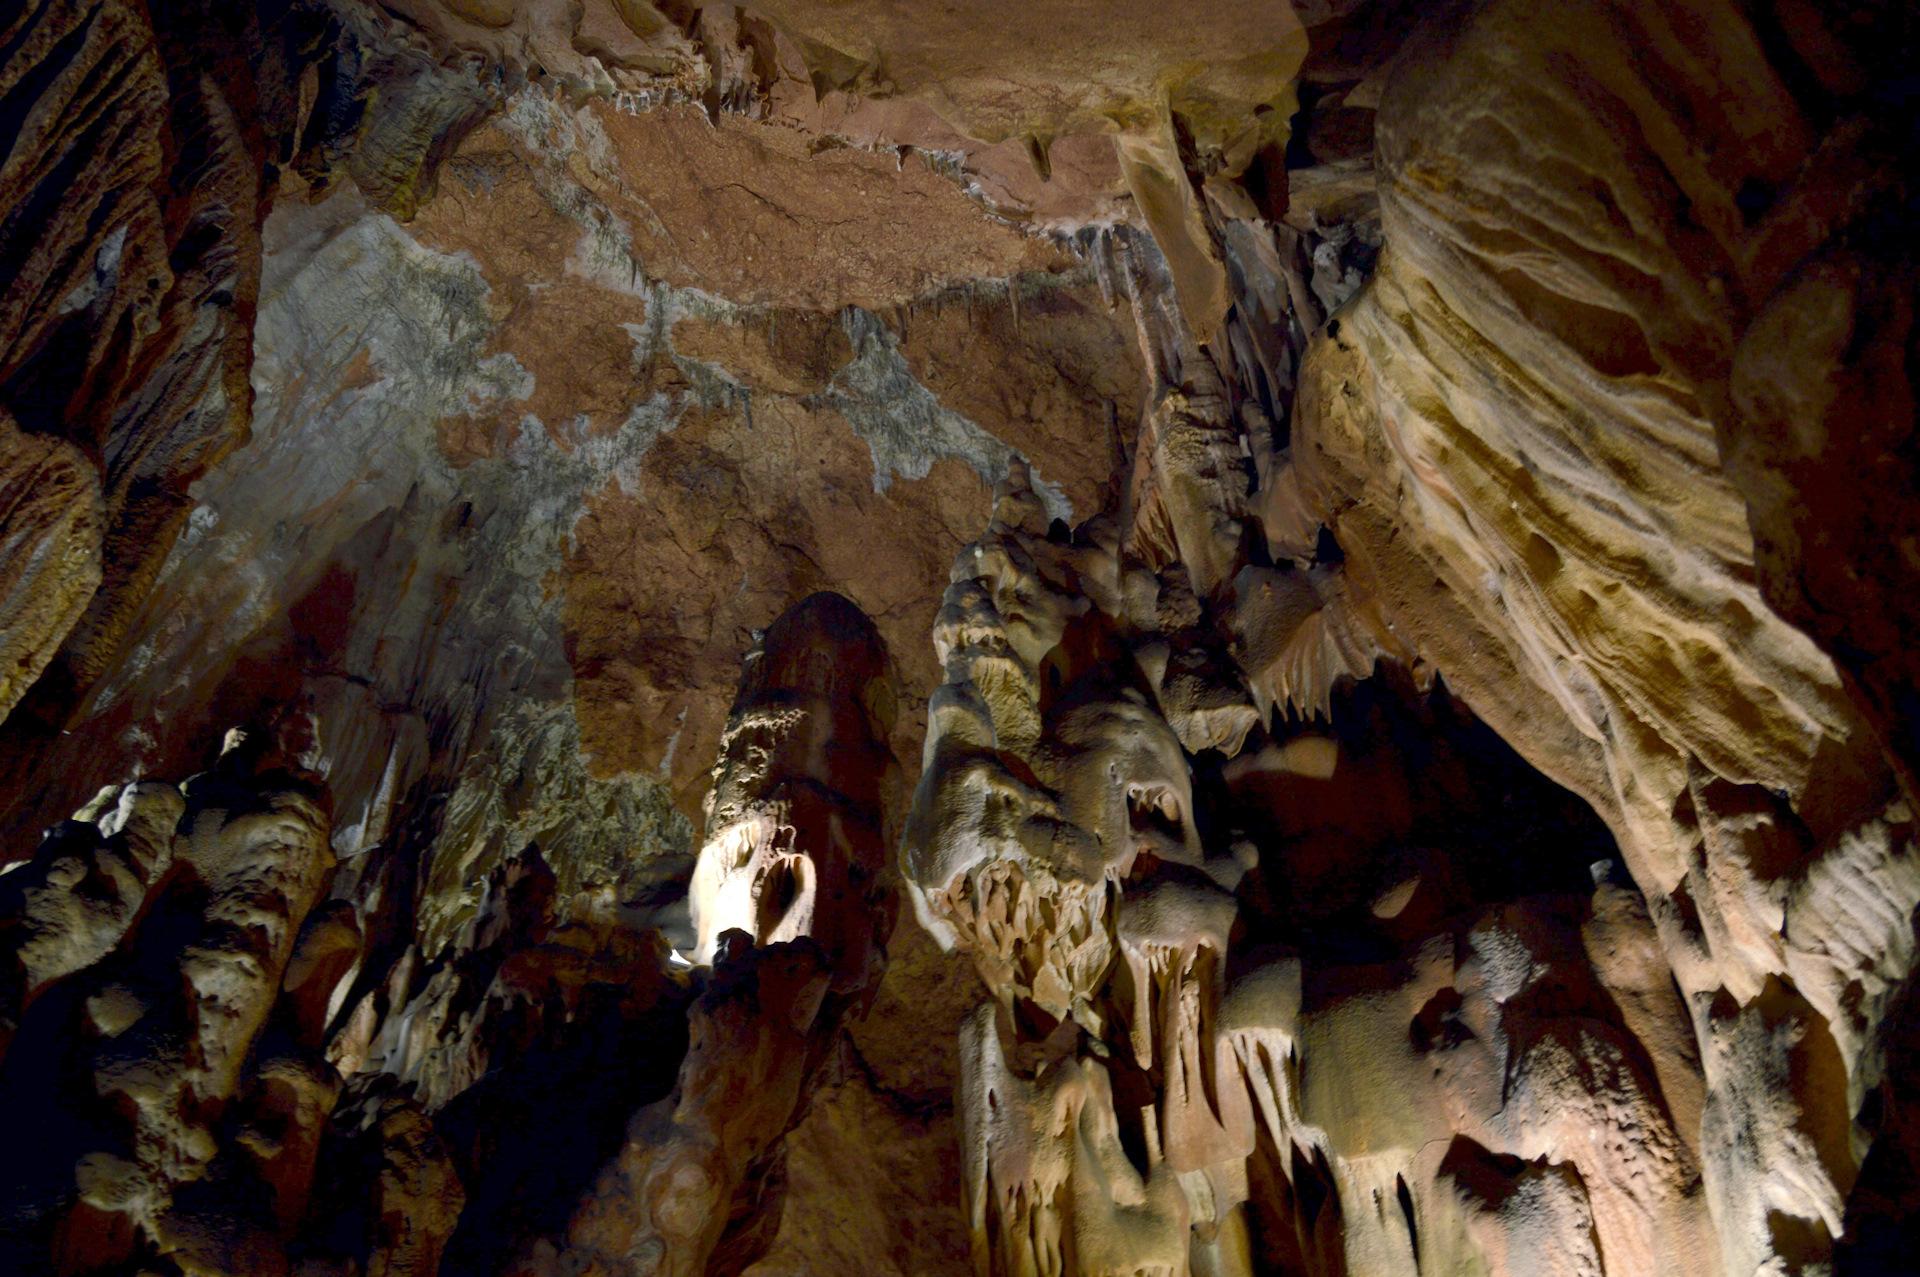 даже скельская пещера фото меня нет